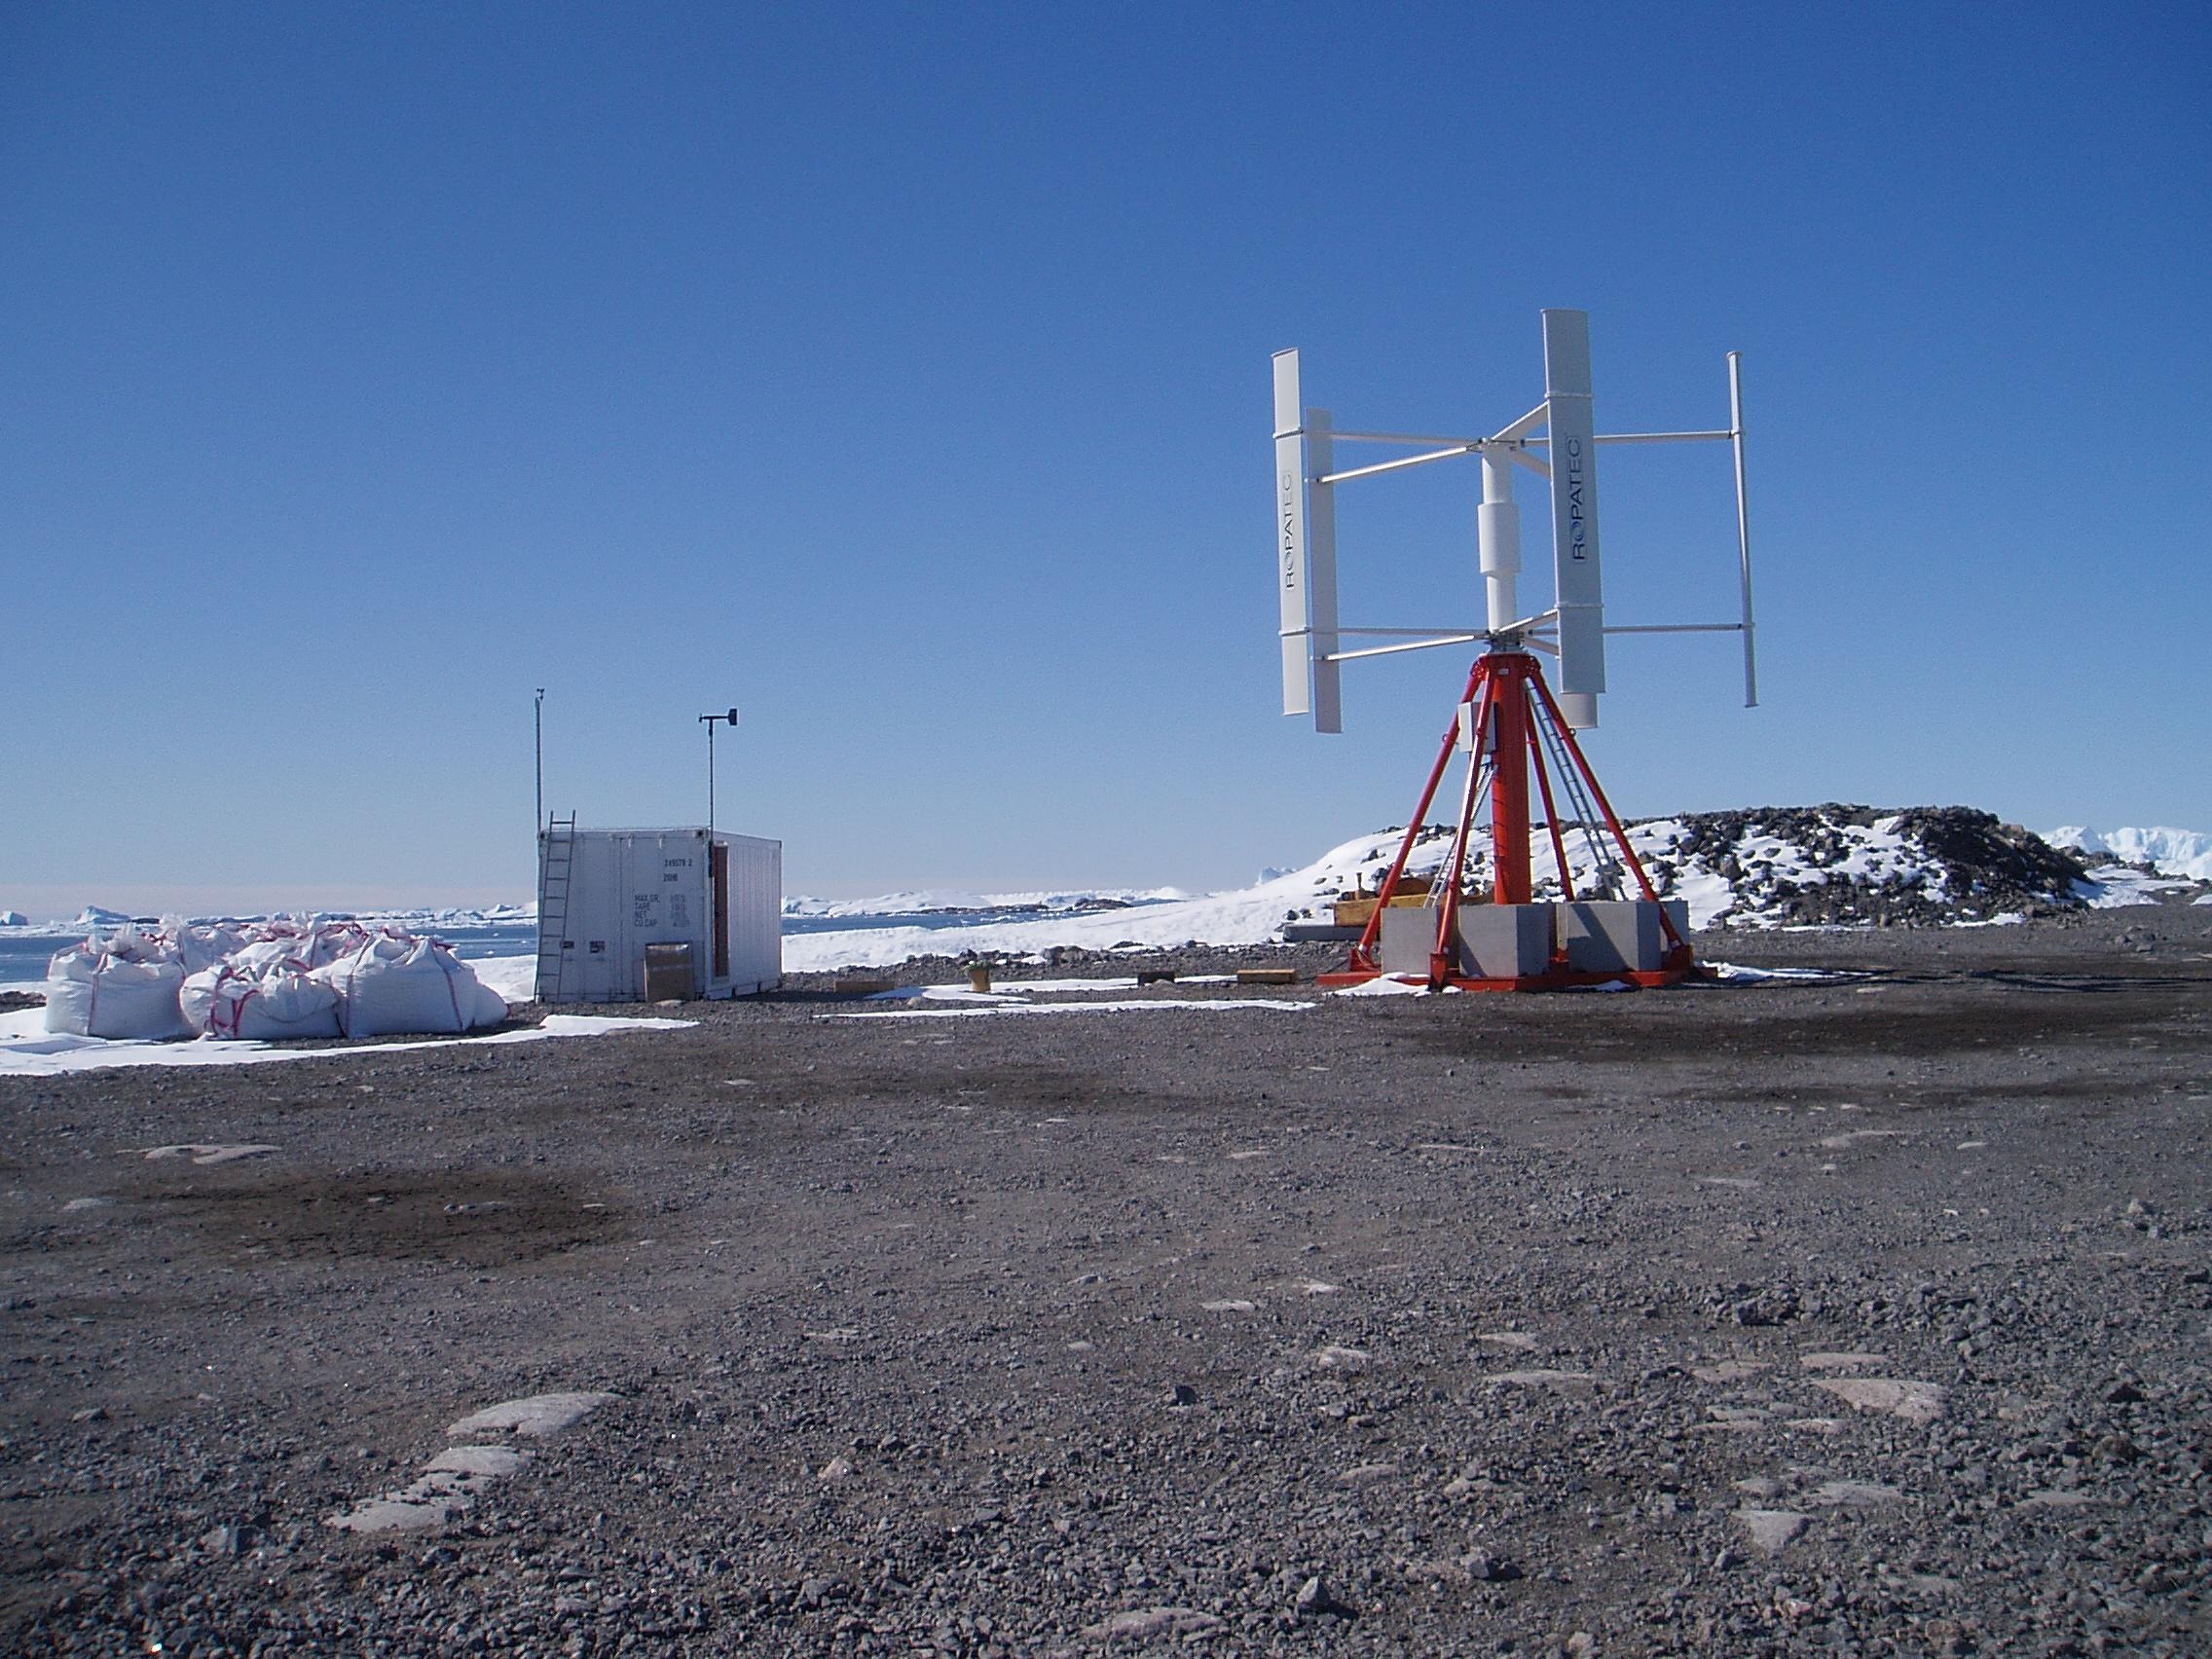 Installation d'éolienne et de panneaux solaires au cours d'une mission